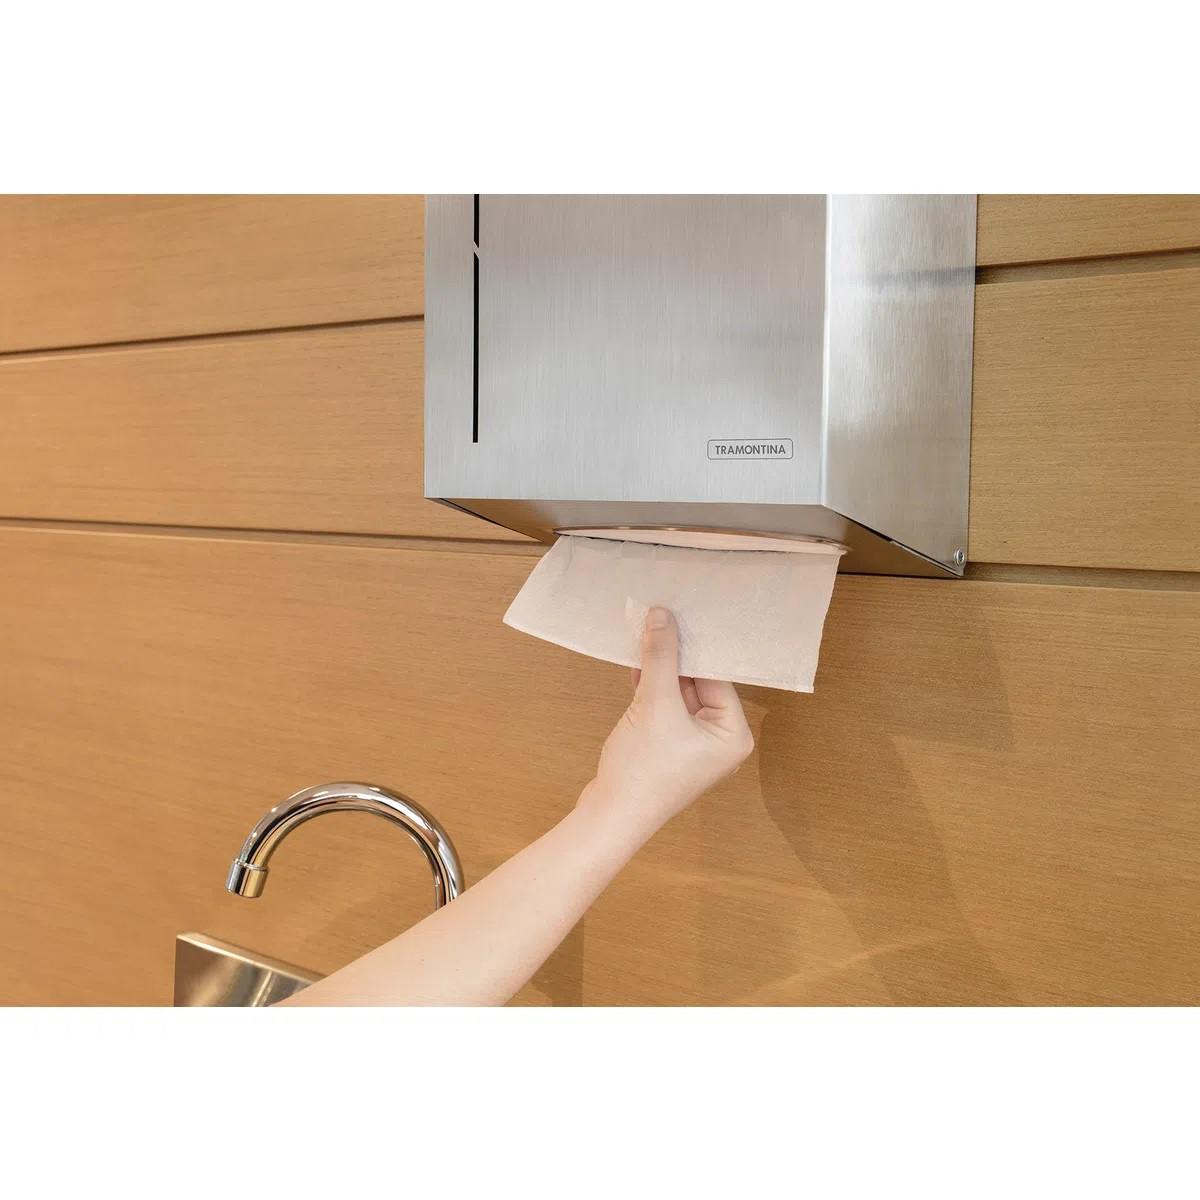 Dispenser para Papel Toalha Tramontina em Aço Inox com Acabamento Scotch Brite  Tramontina 94532031